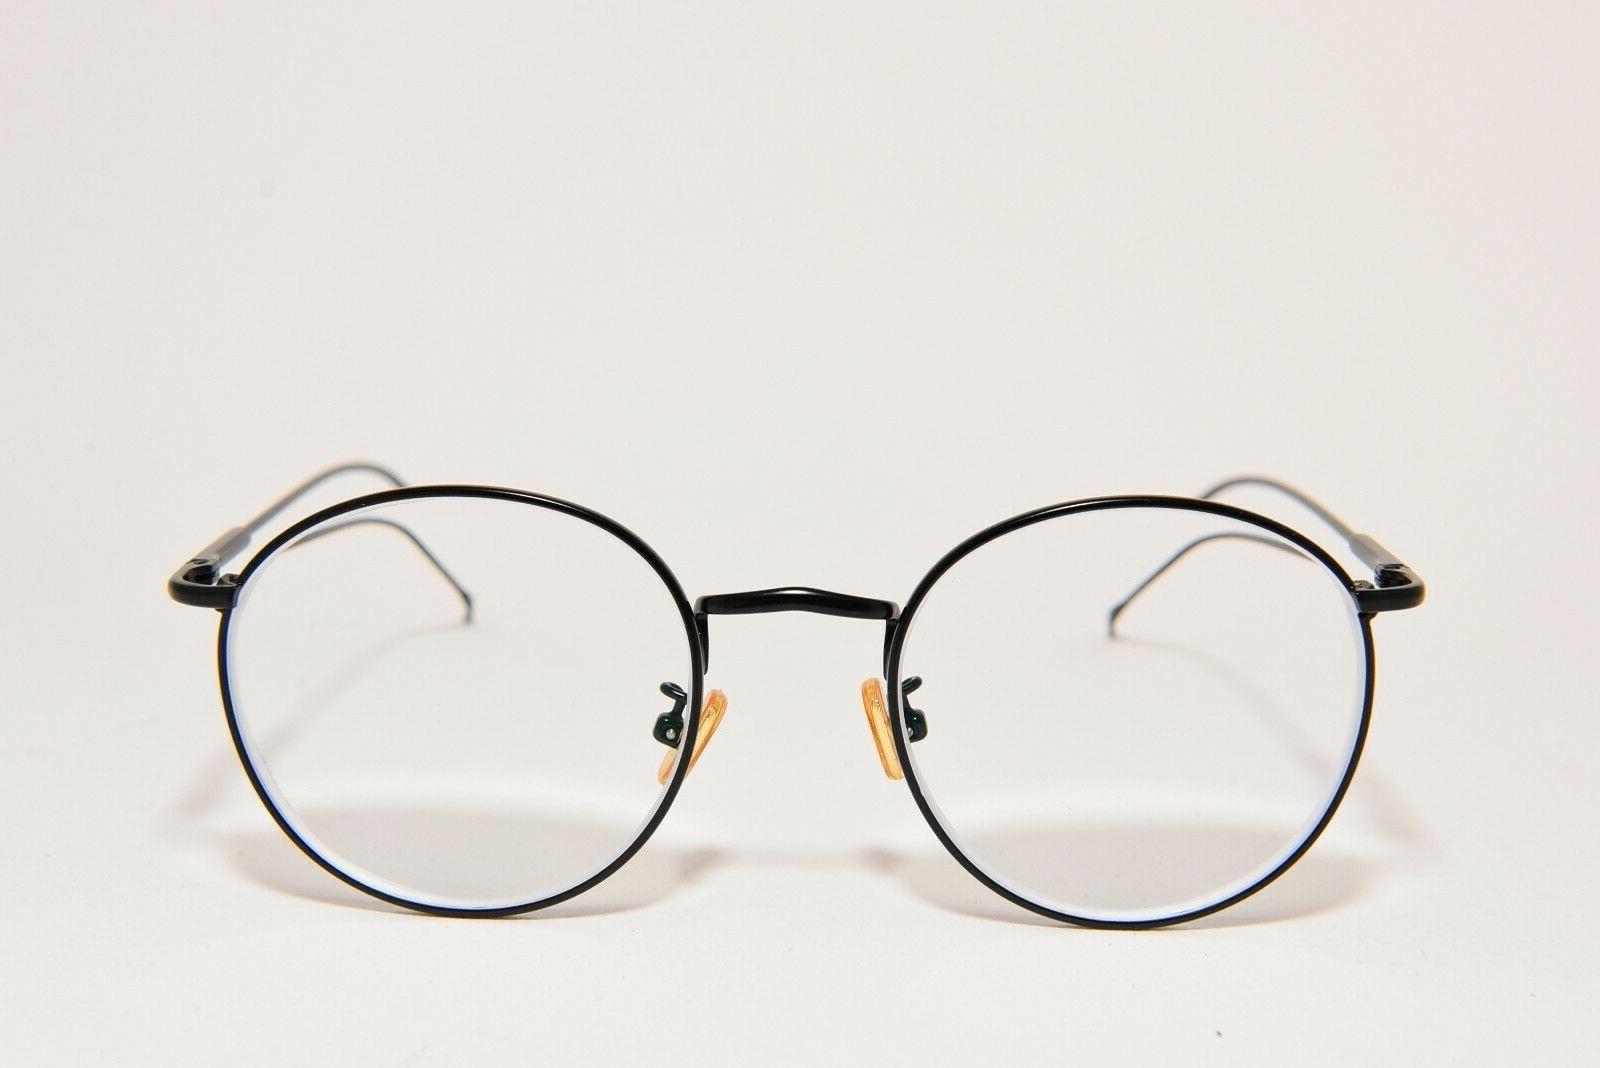 eyewear henk eyeglass frames round metal matte